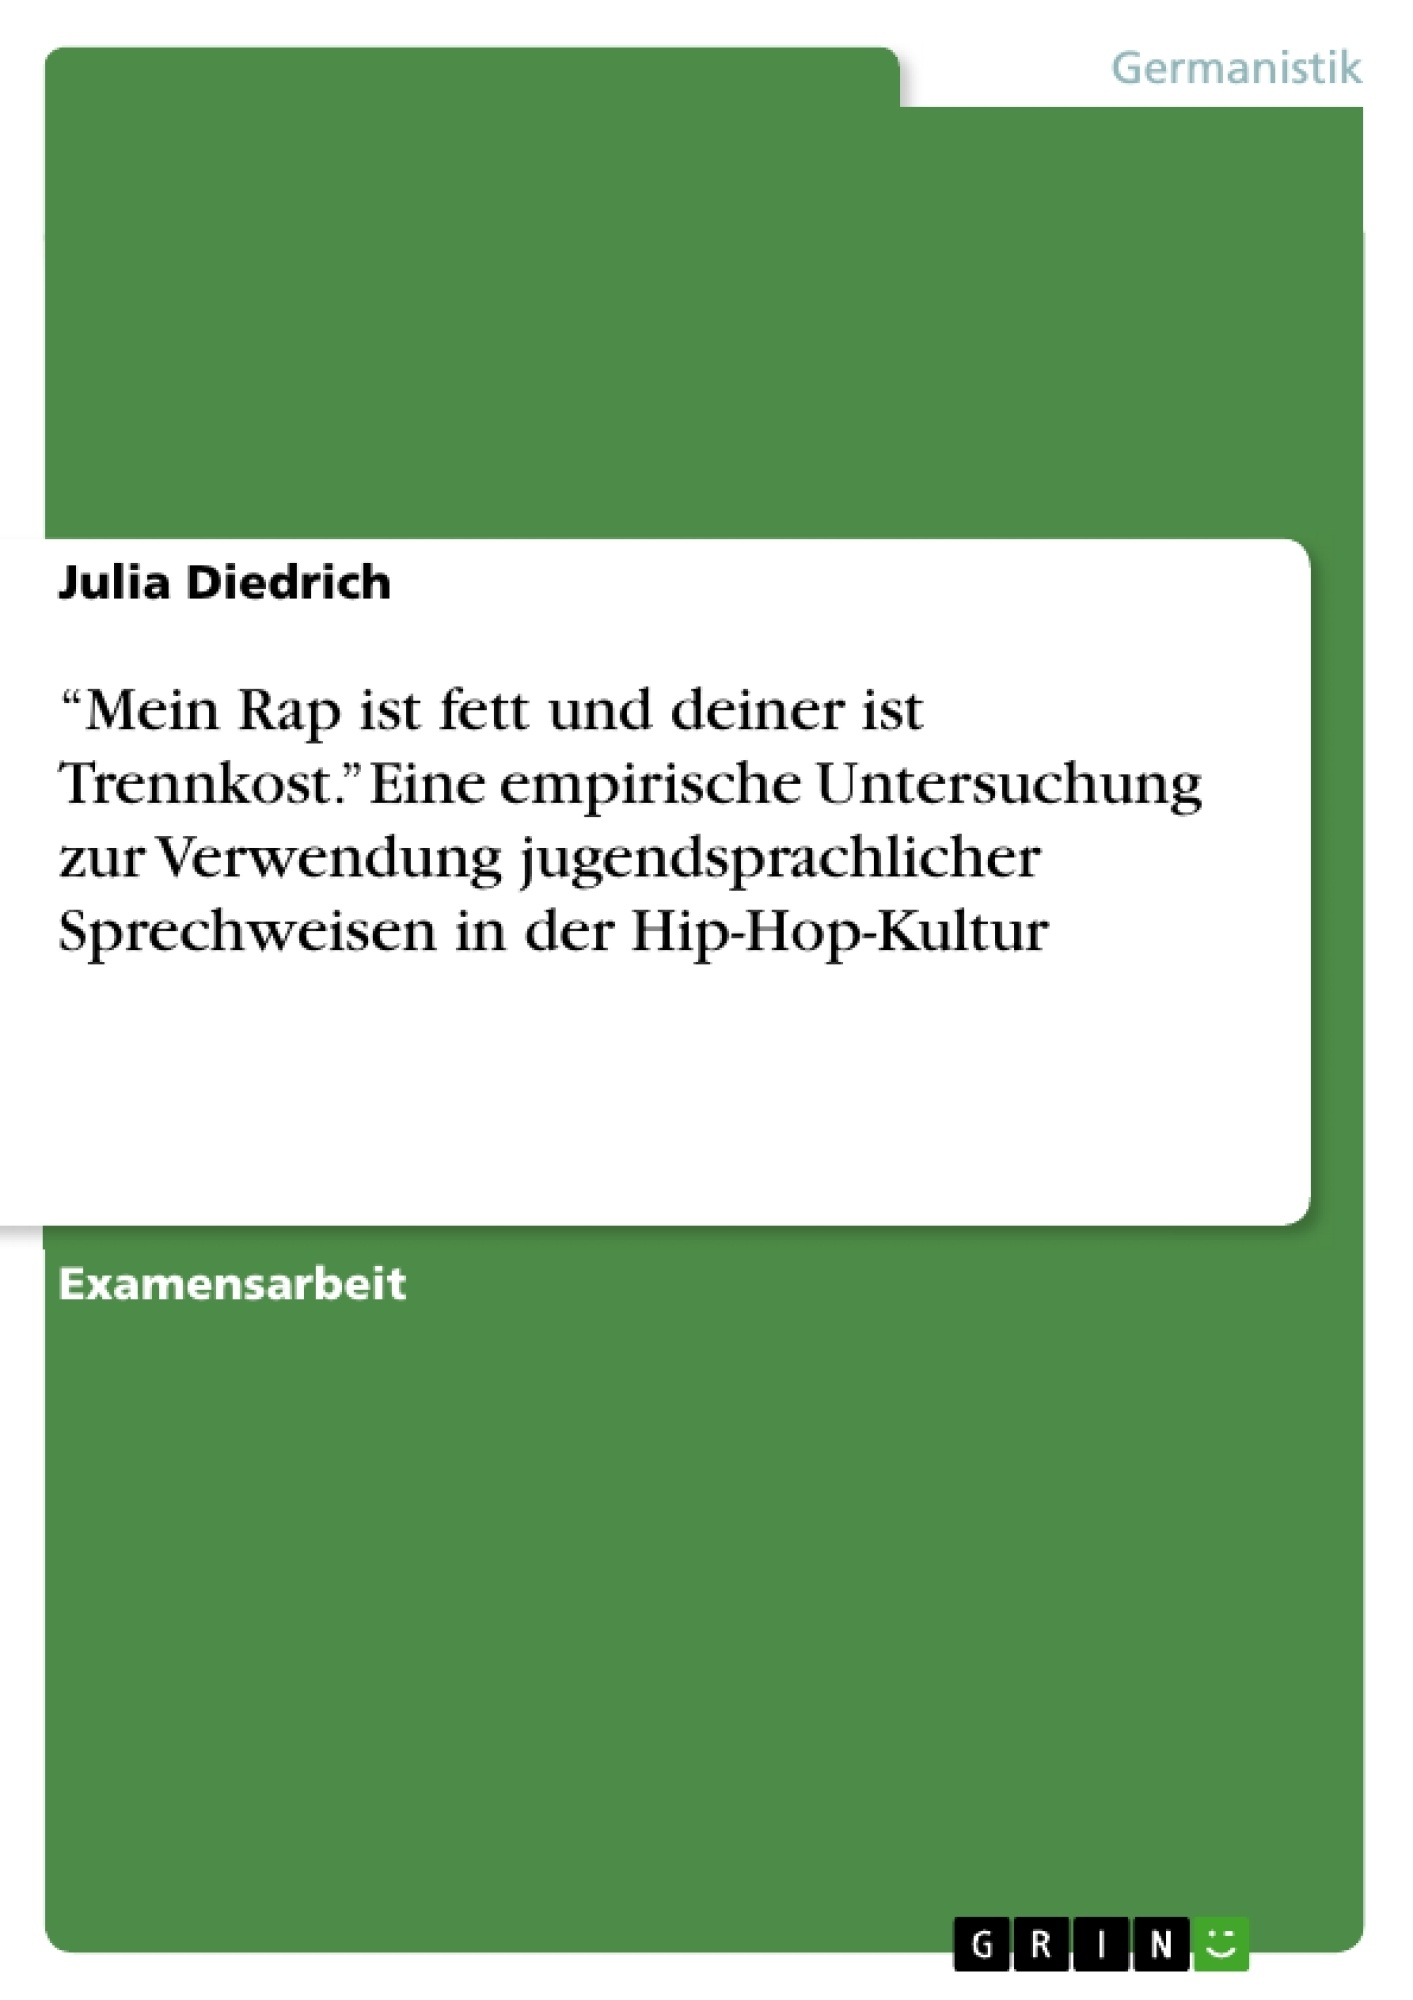 """Titel: """"Mein Rap ist fett und deiner ist Trennkost."""" Eine empirische Untersuchung zur Verwendung jugendsprachlicher Sprechweisen in der Hip-Hop-Kultur"""